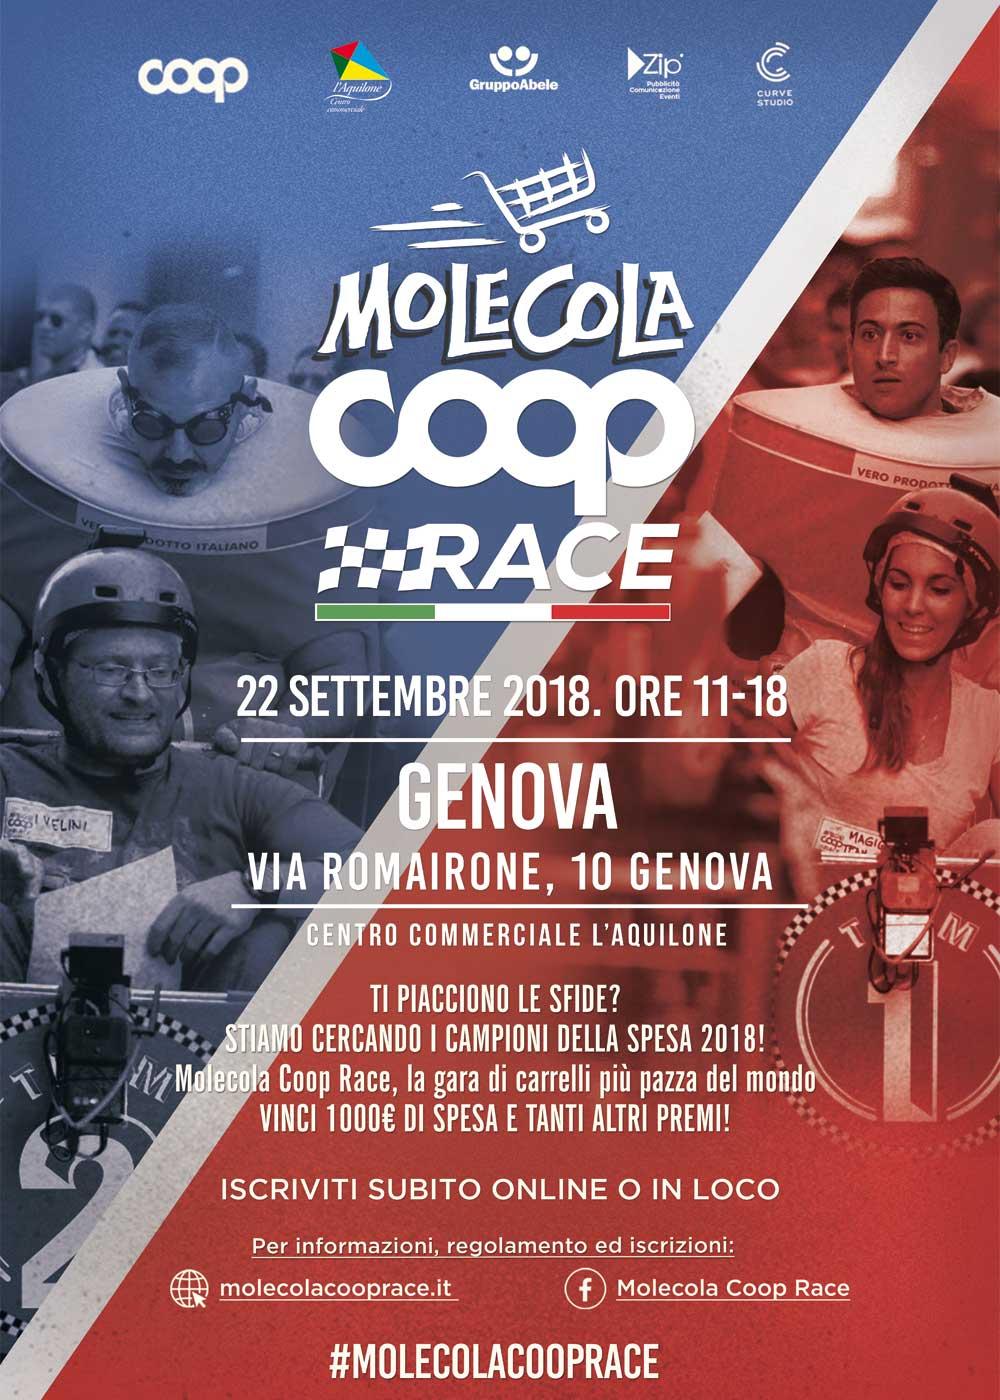 molecola coop race genova 2018